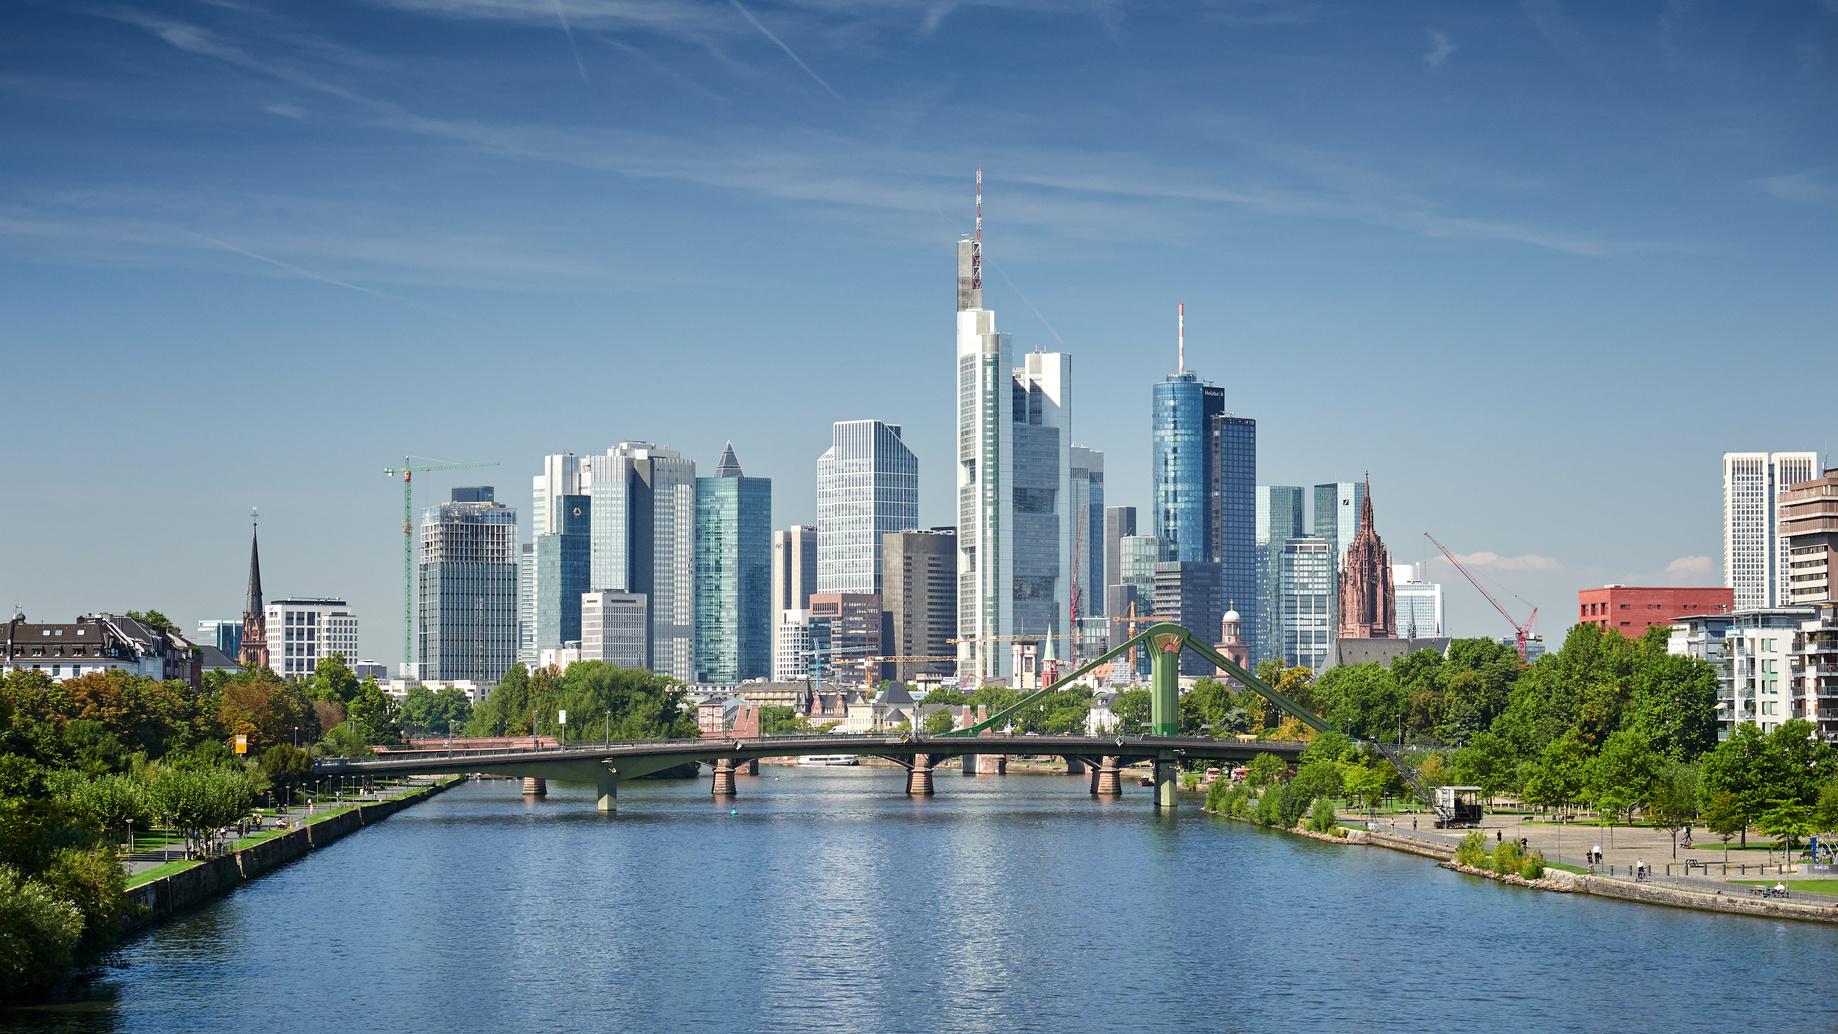 Baureinigung-Frankfurt am Main Ihr Partner in Frankfurt: Die Ö&I CLEAN group GmbH.